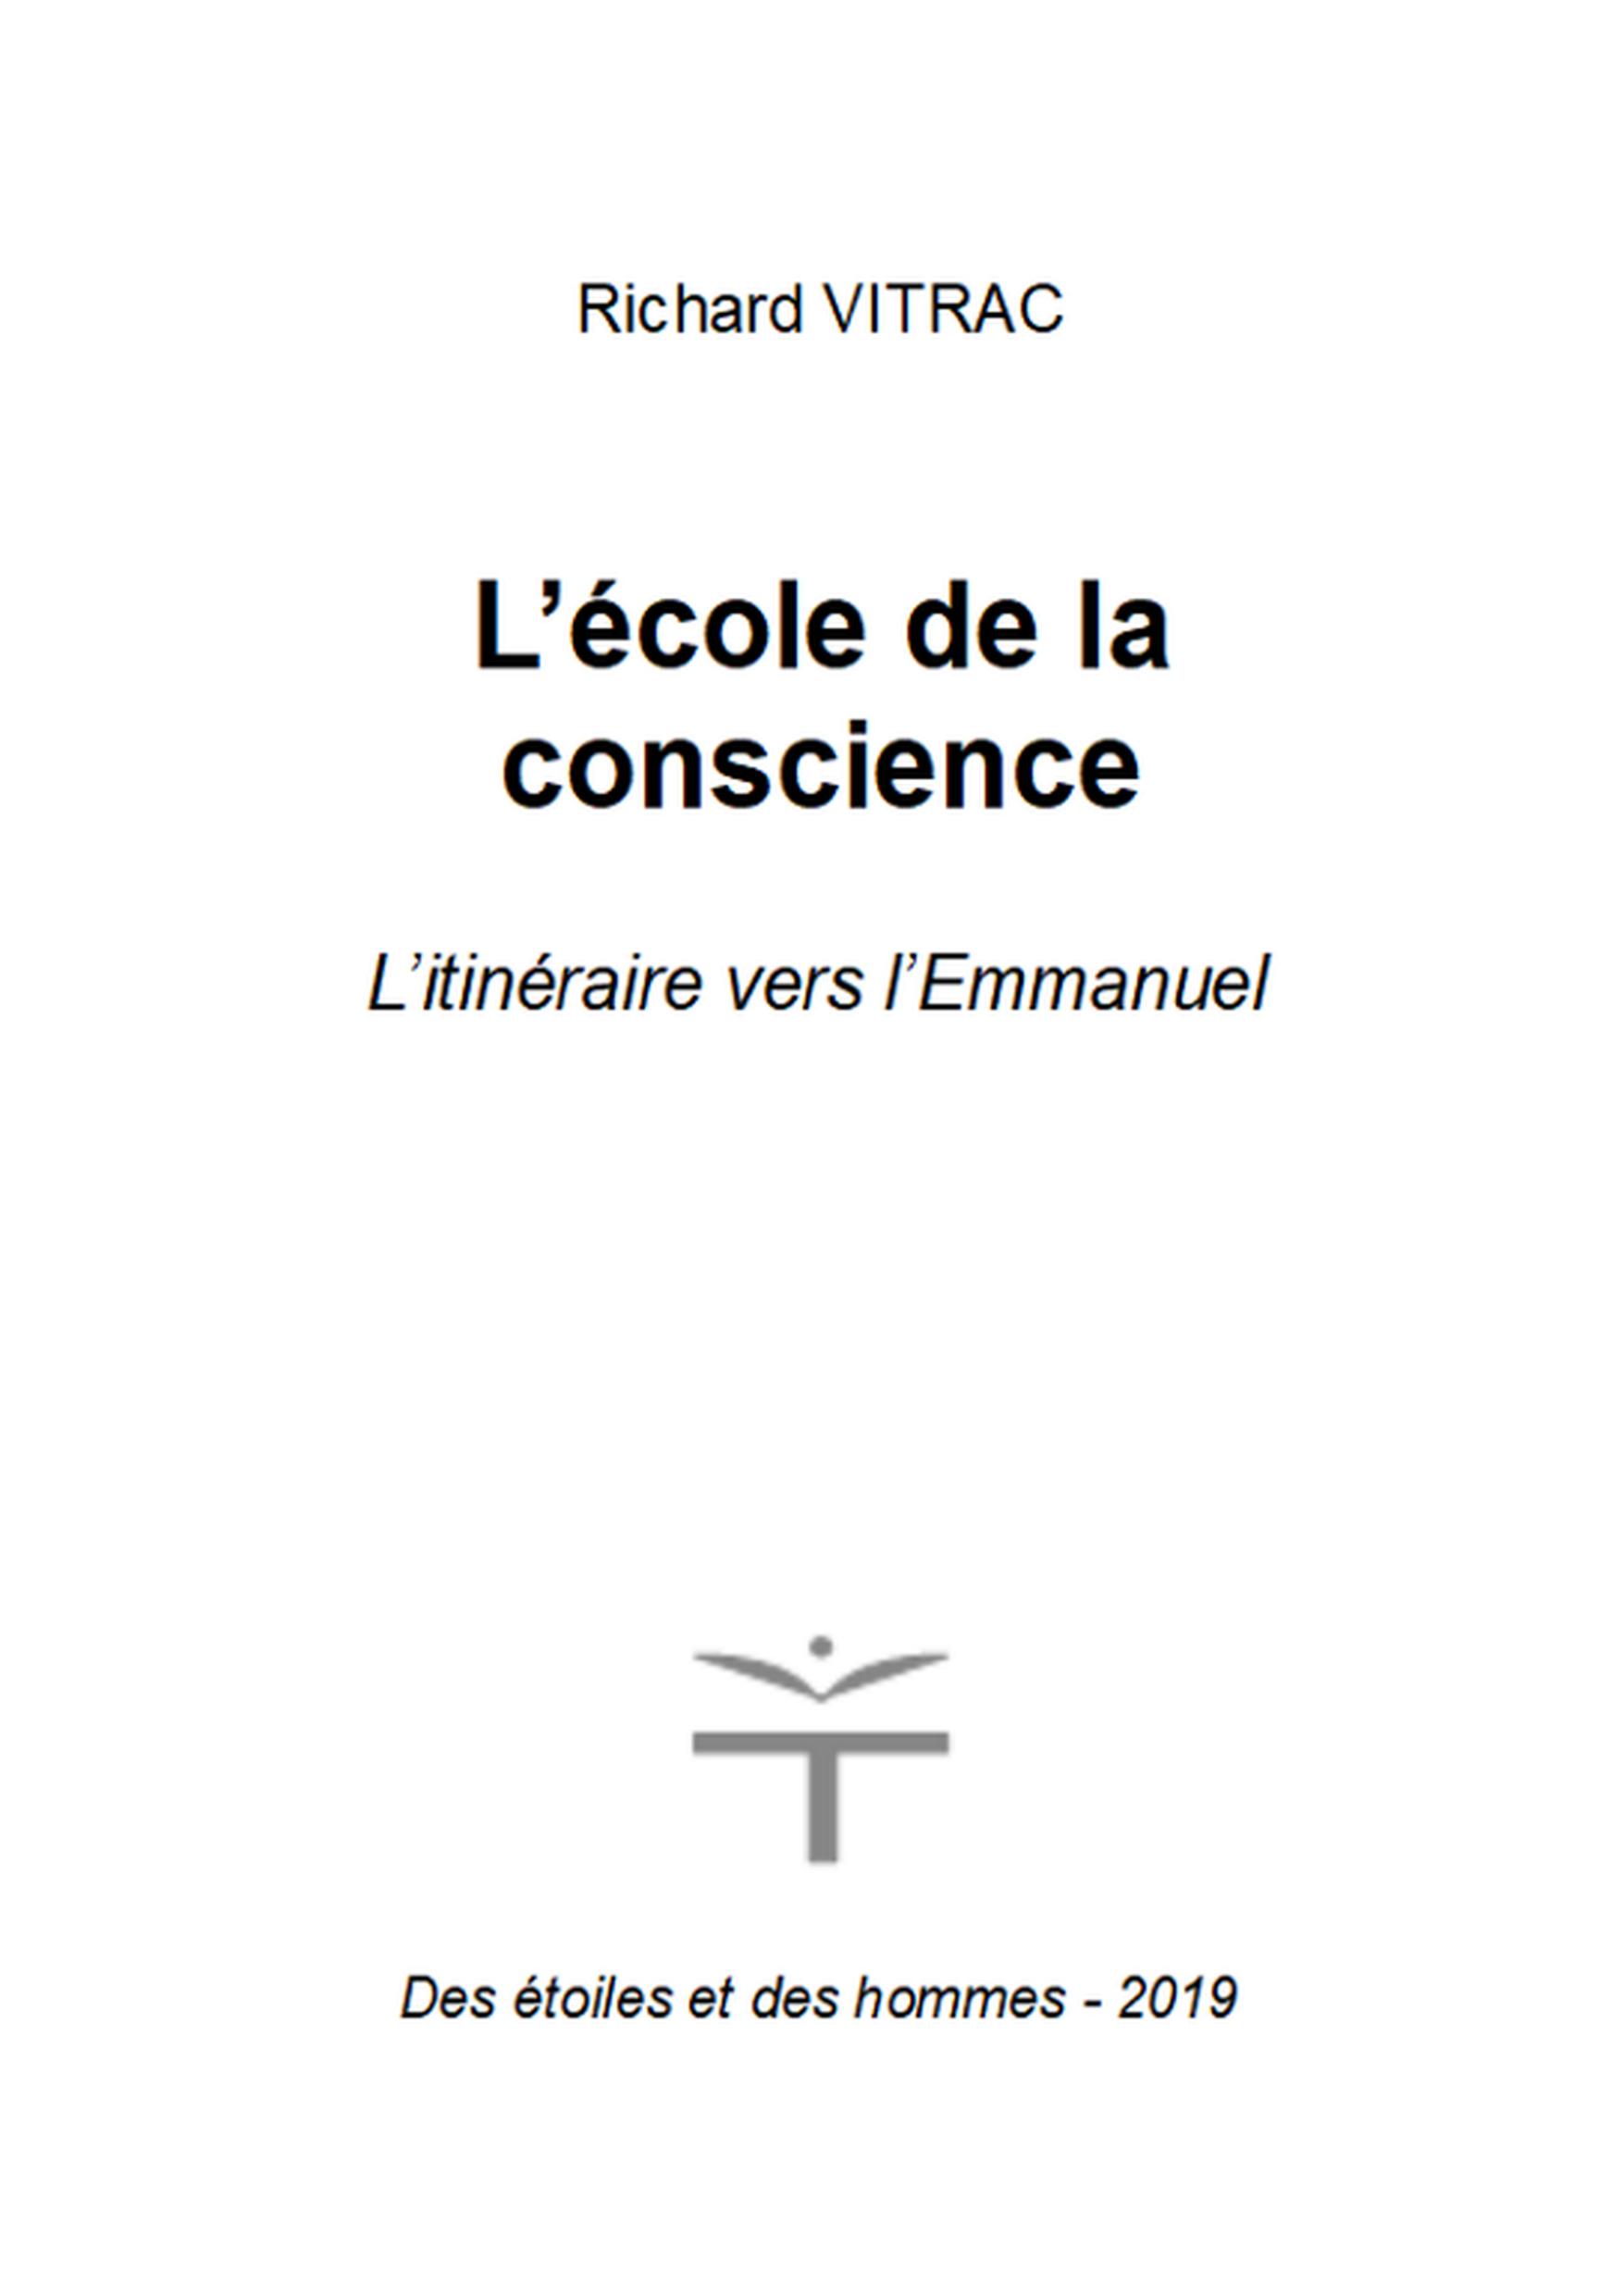 L'école de la conscience